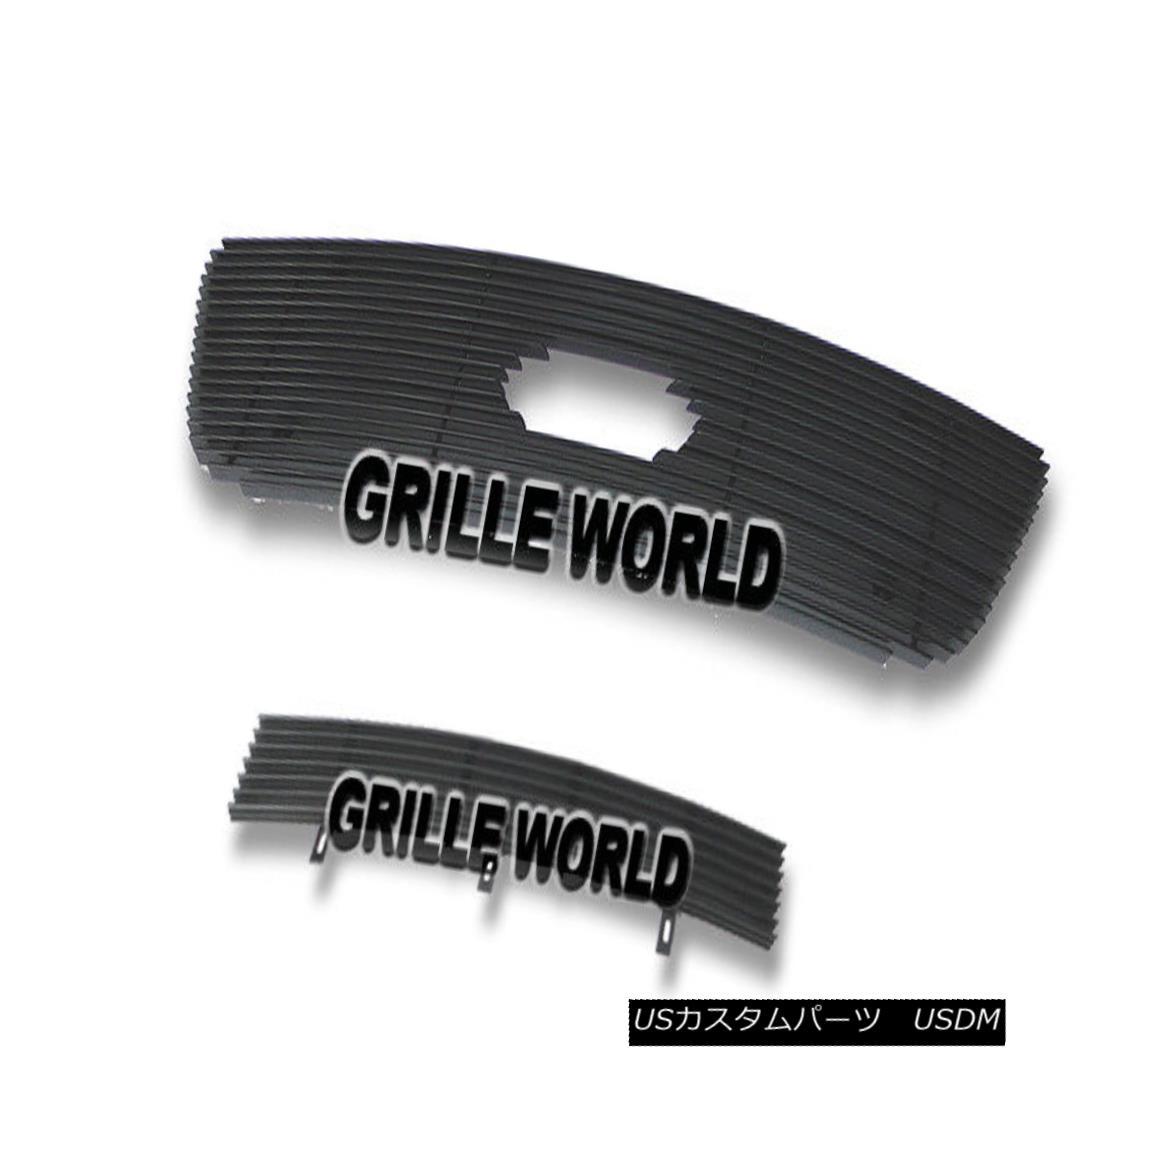 グリル For 01-03 F-150 Harley Davidson Black Billet Premium Grille Combo 01-03 F-150ハーレーダビッドソンブラックビレットプレミアムグリルコンボ用